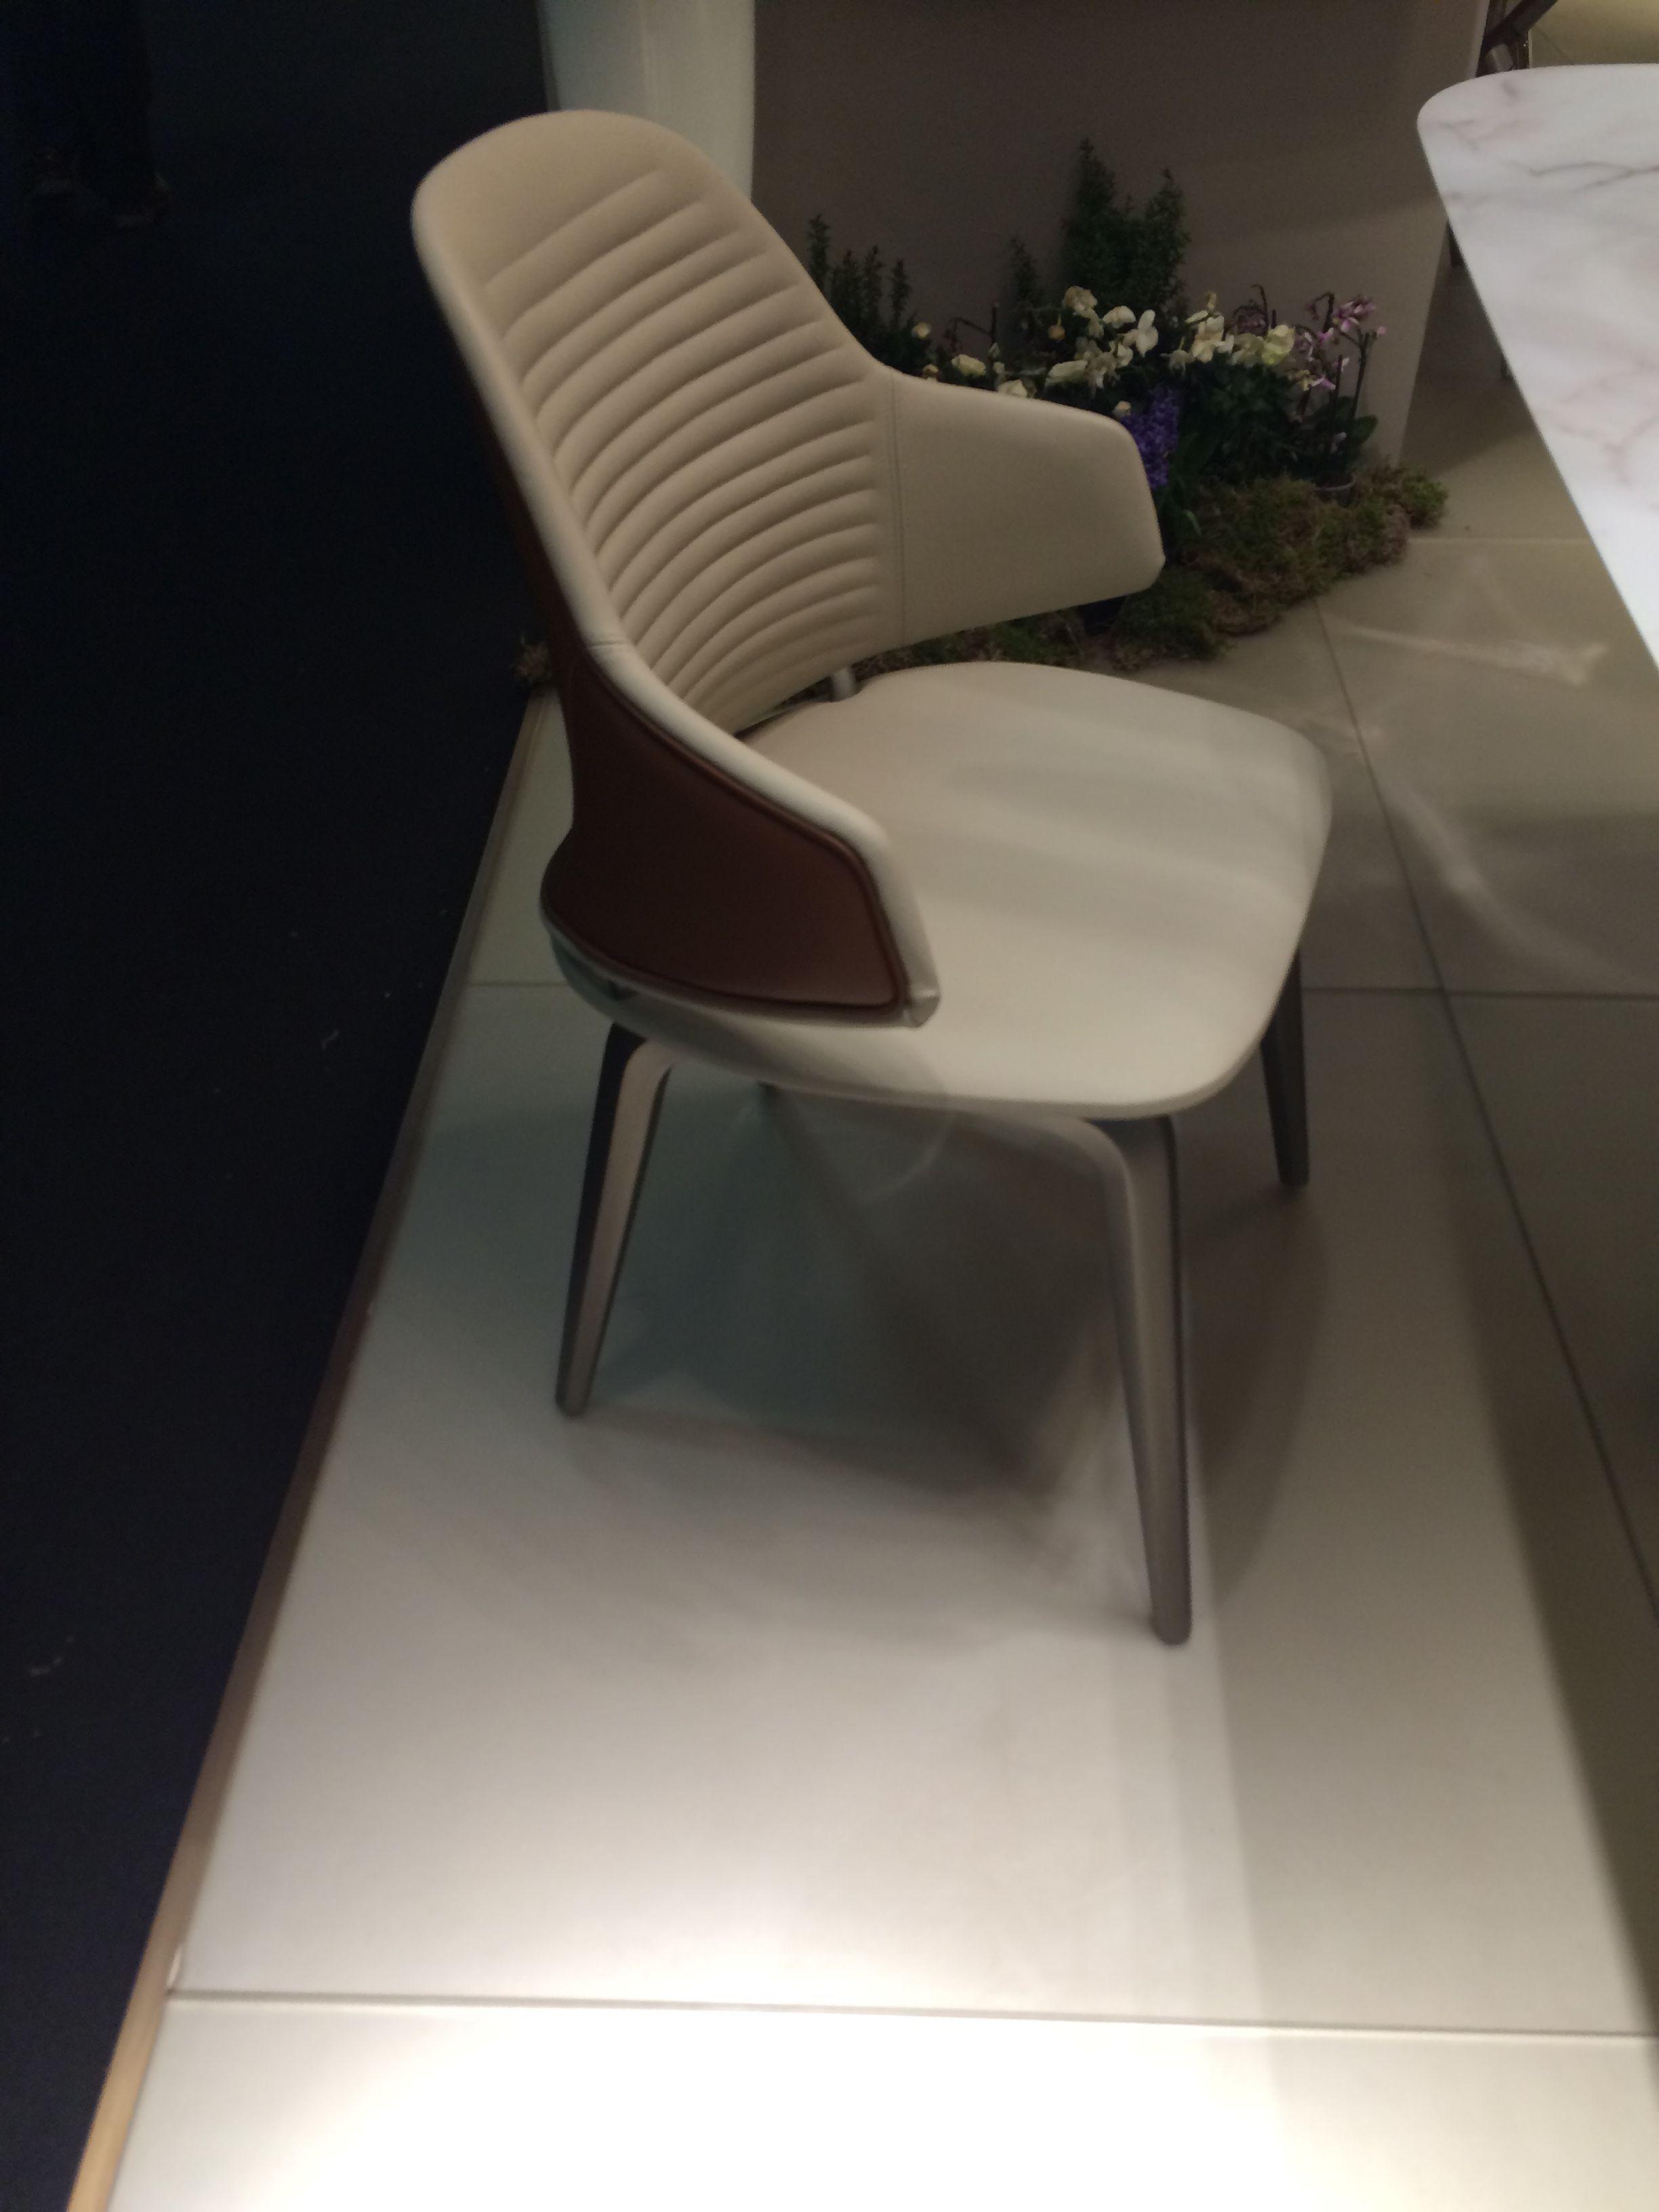 Some Interesting Pieces From The Imm Cologne 2019 Furniture Fair Des Meubles Qui Ont Retenu Notre Attention Lors Du Salon Du Meubl Home Decor Furniture Home